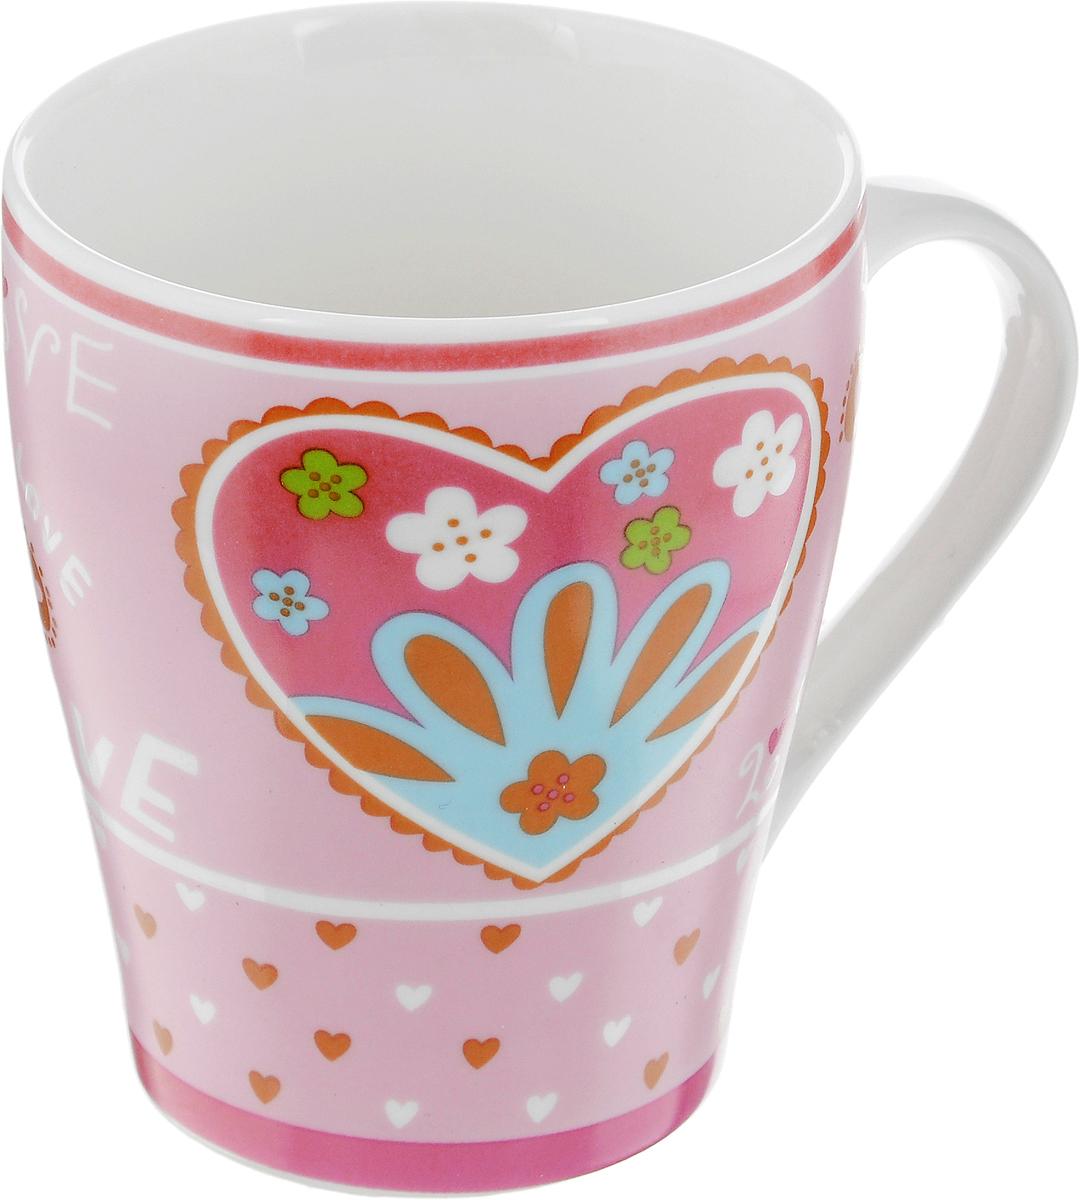 Кружка Loraine Сердце, цвет: розовый, 350 мл22113_розовыйКружка Loraine Сердце изготовлена из прочного качественного костяного фарфора. Изделие оформлено красочным рисунком. Благодаря своим термостатическим свойствам, изделие отлично сохраняет температуру содержимого - морозной зимой кружка будет согревать вас горячим чаем, а знойным летом, напротив, радовать прохладными напитками. Такой аксессуар создаст атмосферу тепла и уюта, настроит на позитивный лад и подарит хорошее настроение с самого утра. Это оригинальное изделие идеально подойдет в подарок близкому человеку. Диаметр (по верхнему краю): 8,5 см. Высота кружки: 10 см.